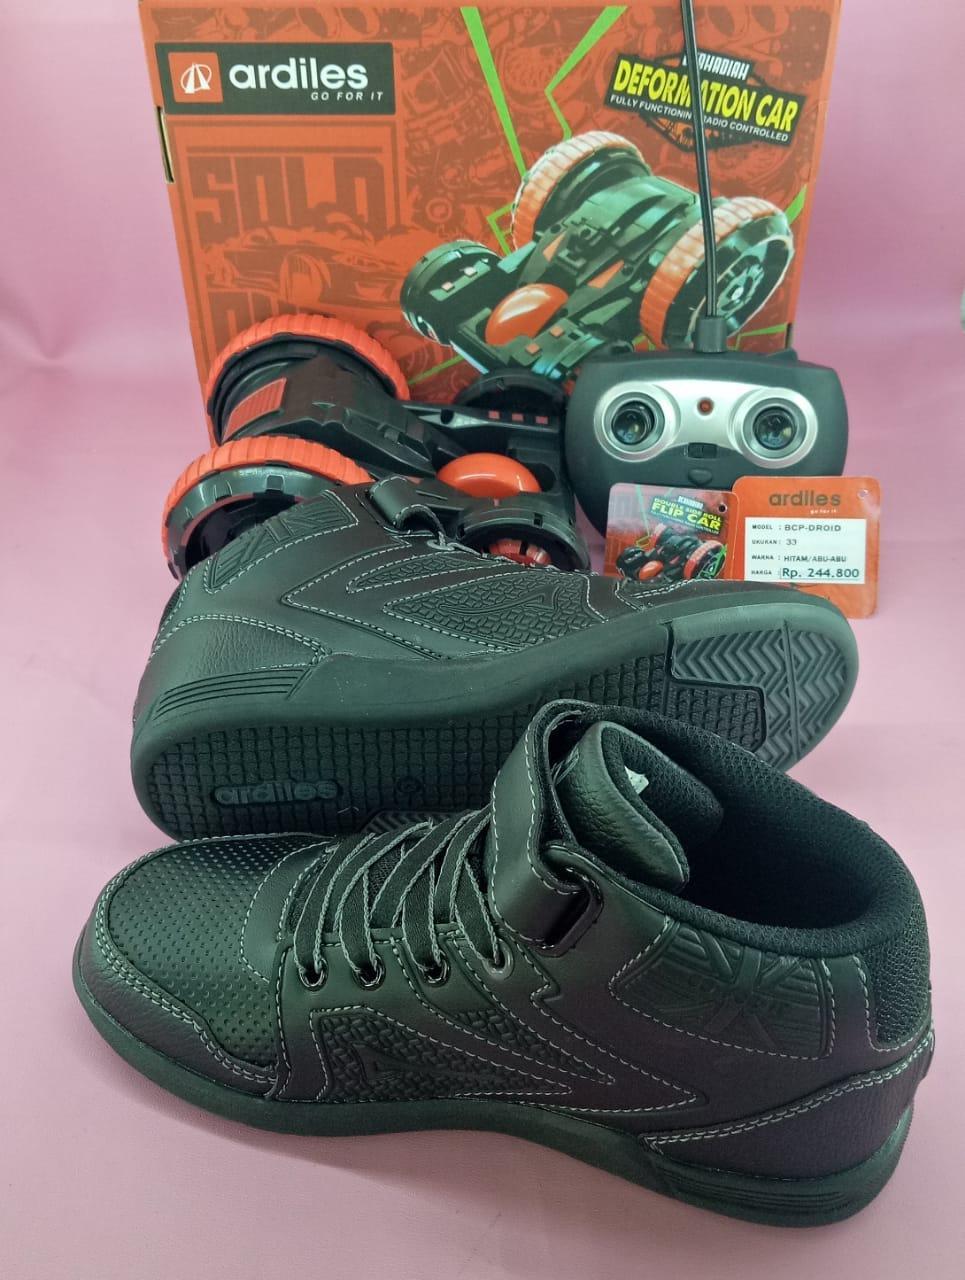 Fitur Ardiles Droid Sepatu Anak Berhadiah Mobil Remote Hitam Abu 31 Warna 36 2